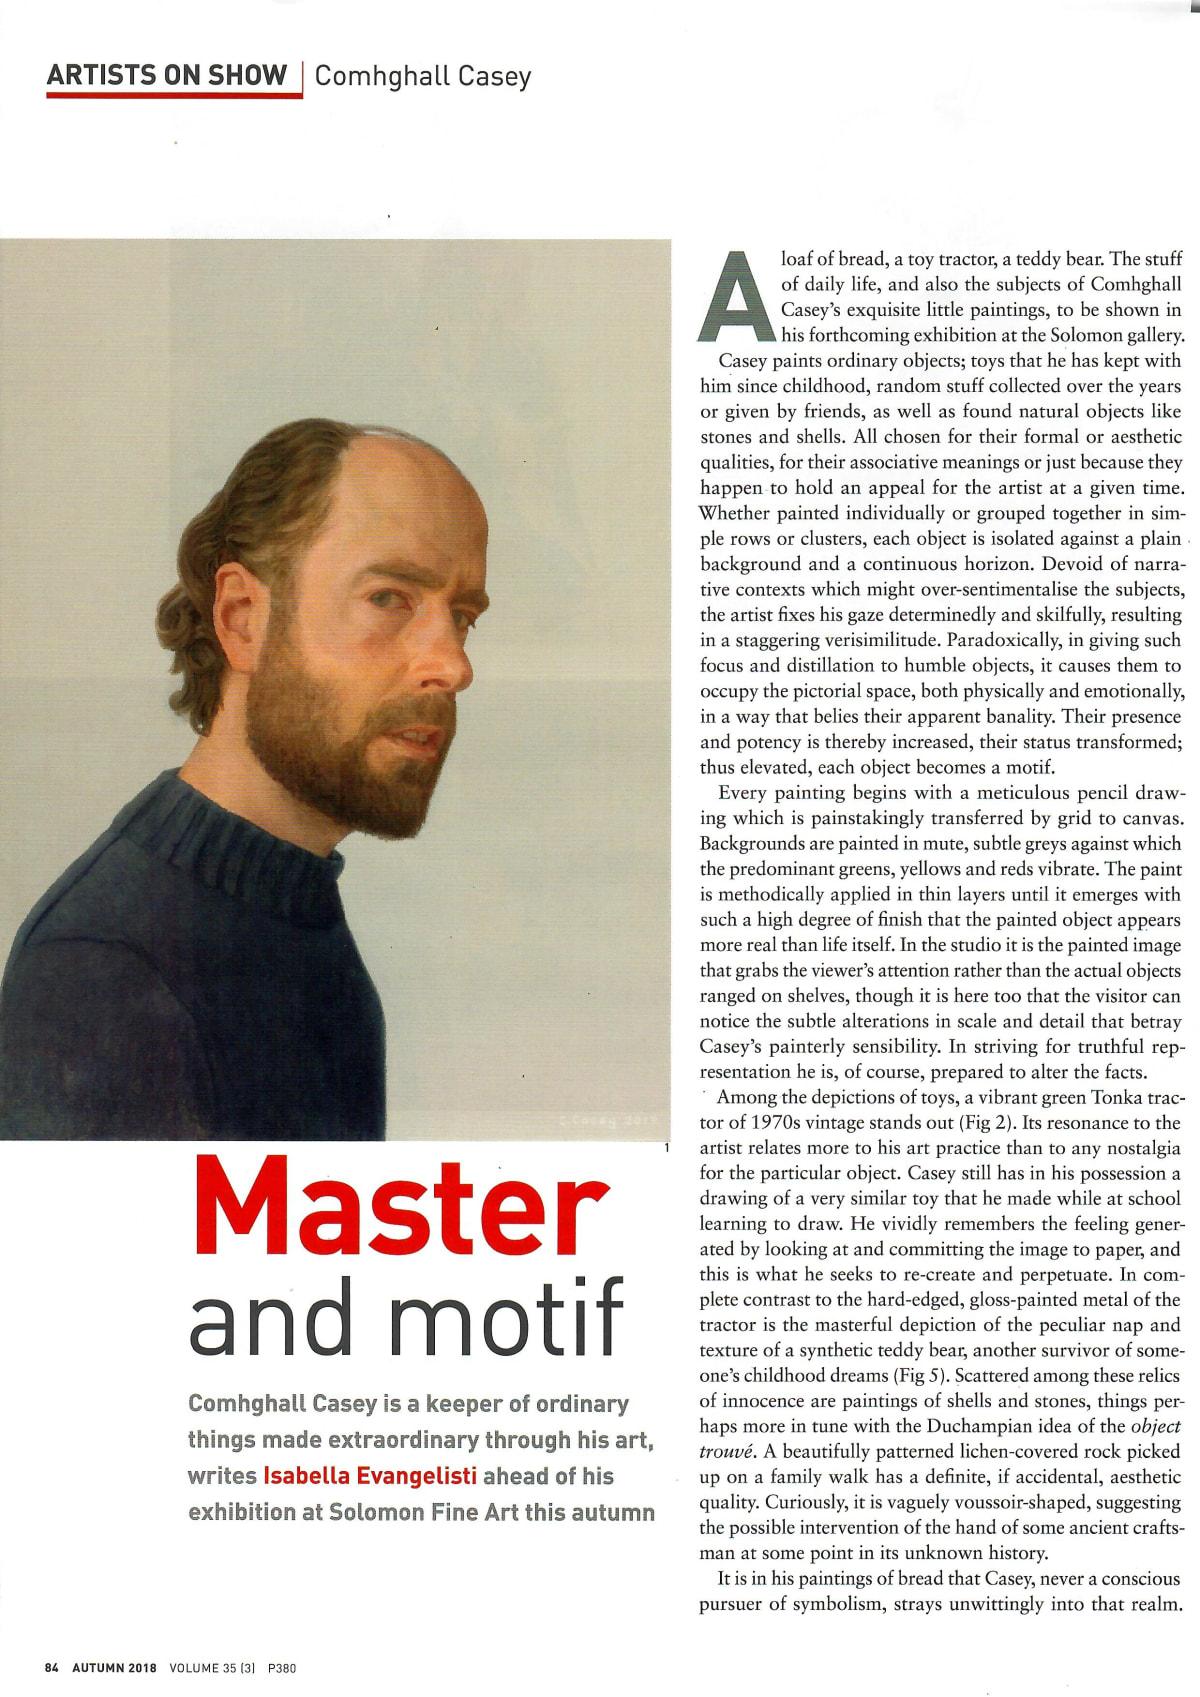 Master and Motif: Irish Arts Review